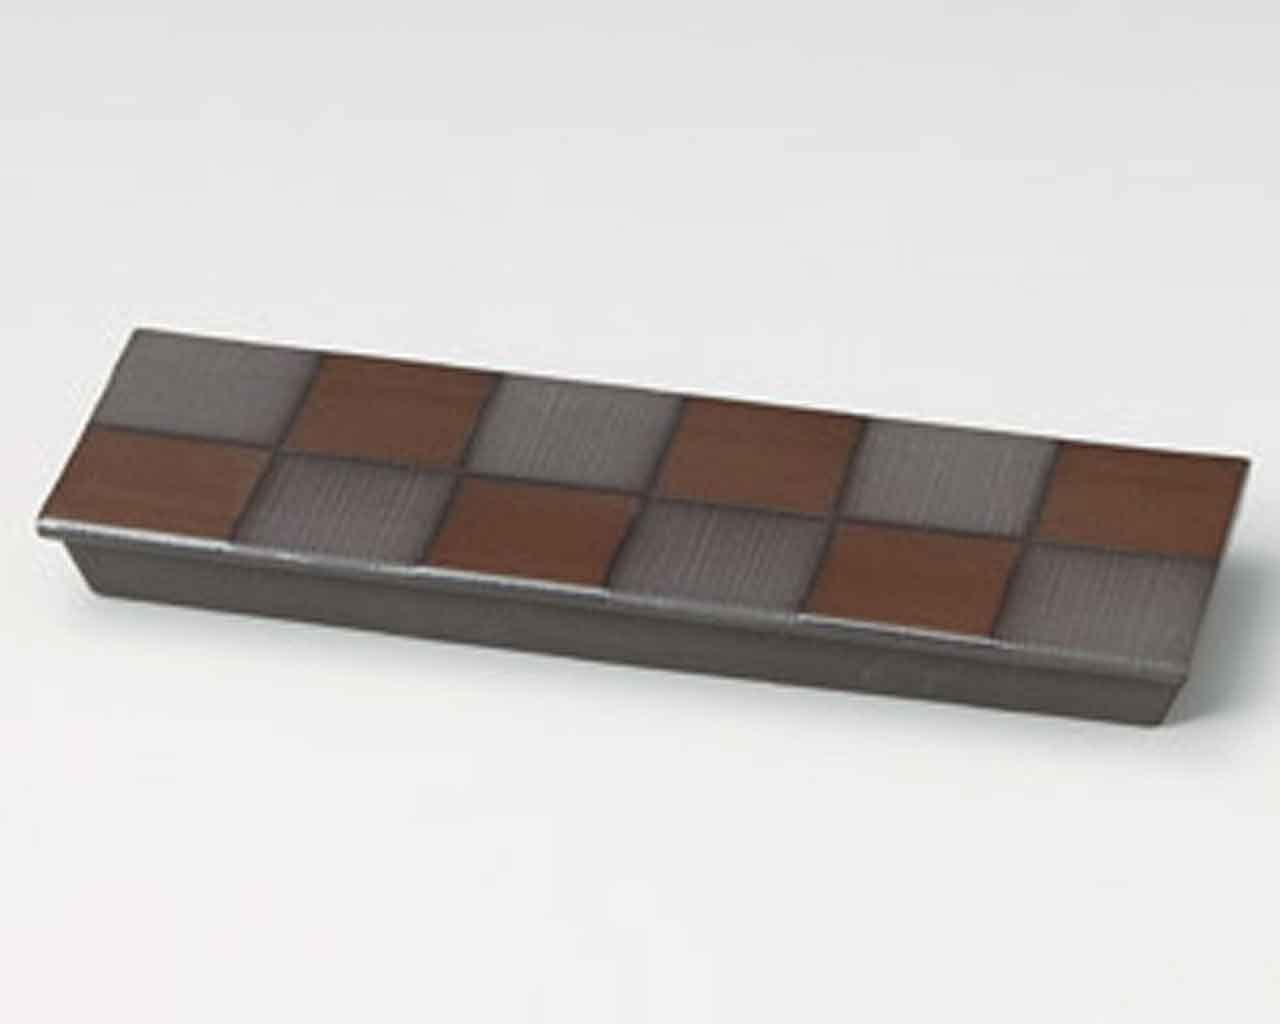 Ichimatsu 12.2inch Set of 2 Long Plates Black Ceramic Made in Japan